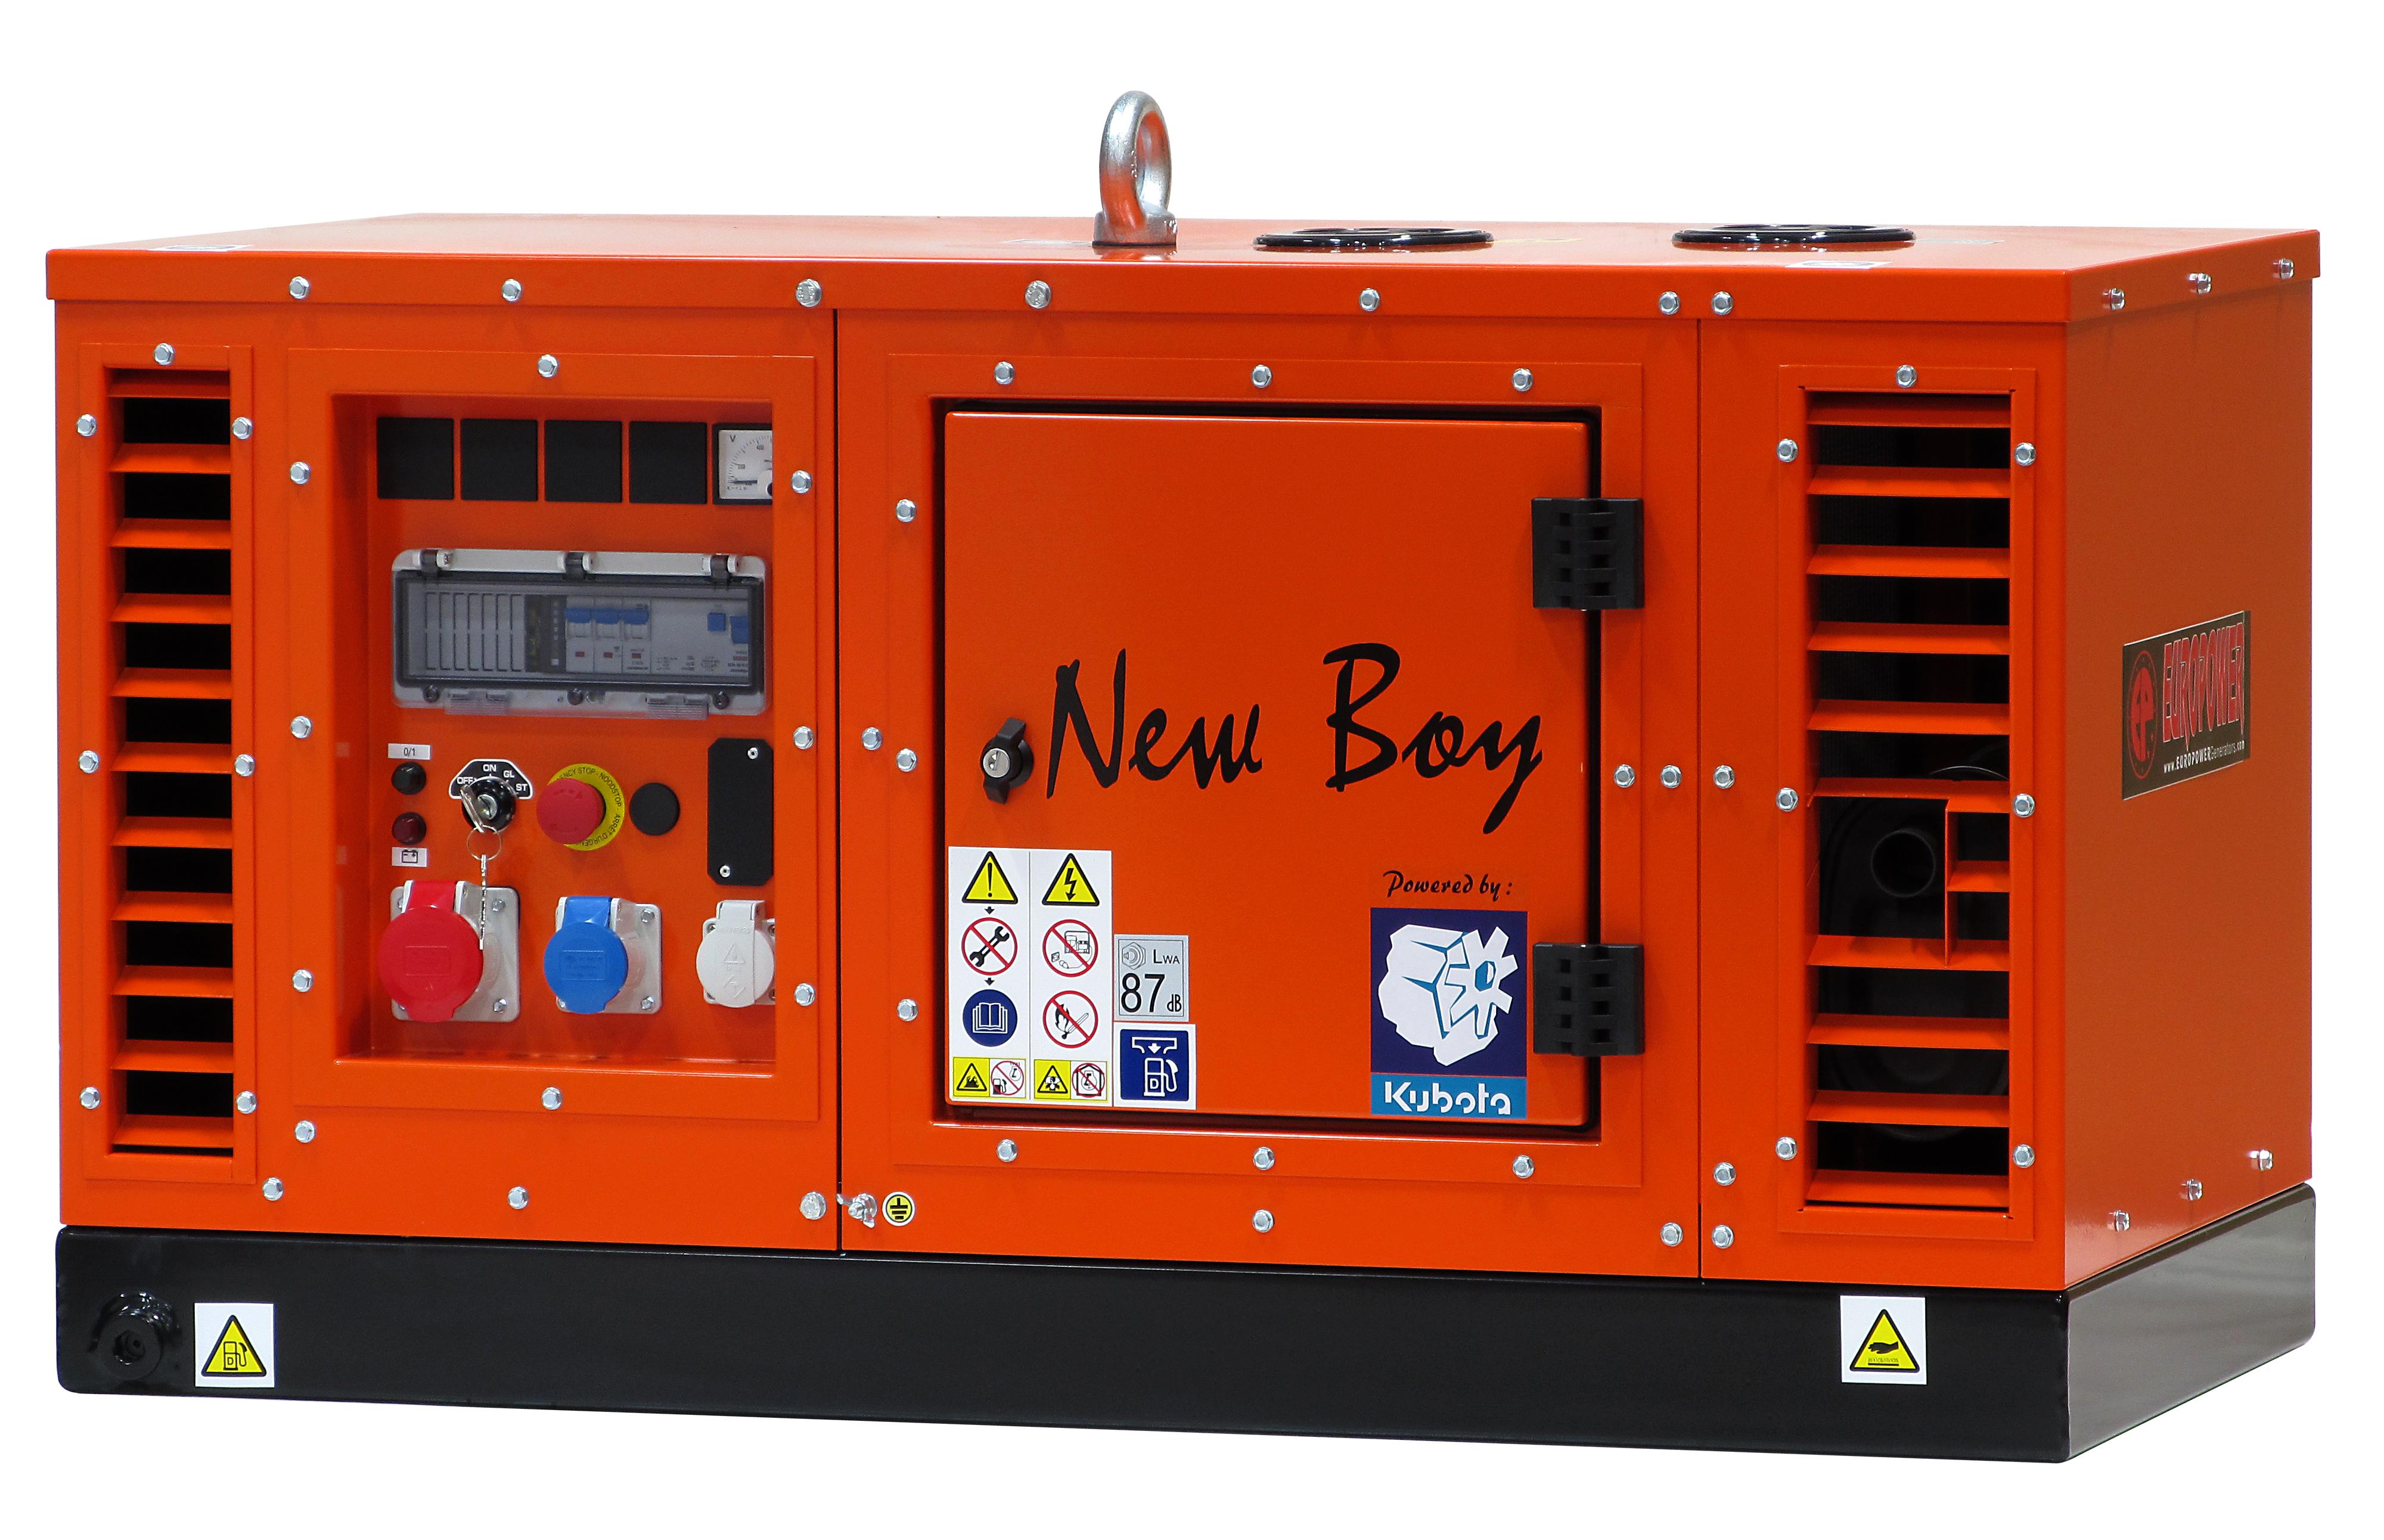 Super-schallgedämmter 8 kVA Stromerzeuger mit Kubota wassergekühltem Dieselmotor